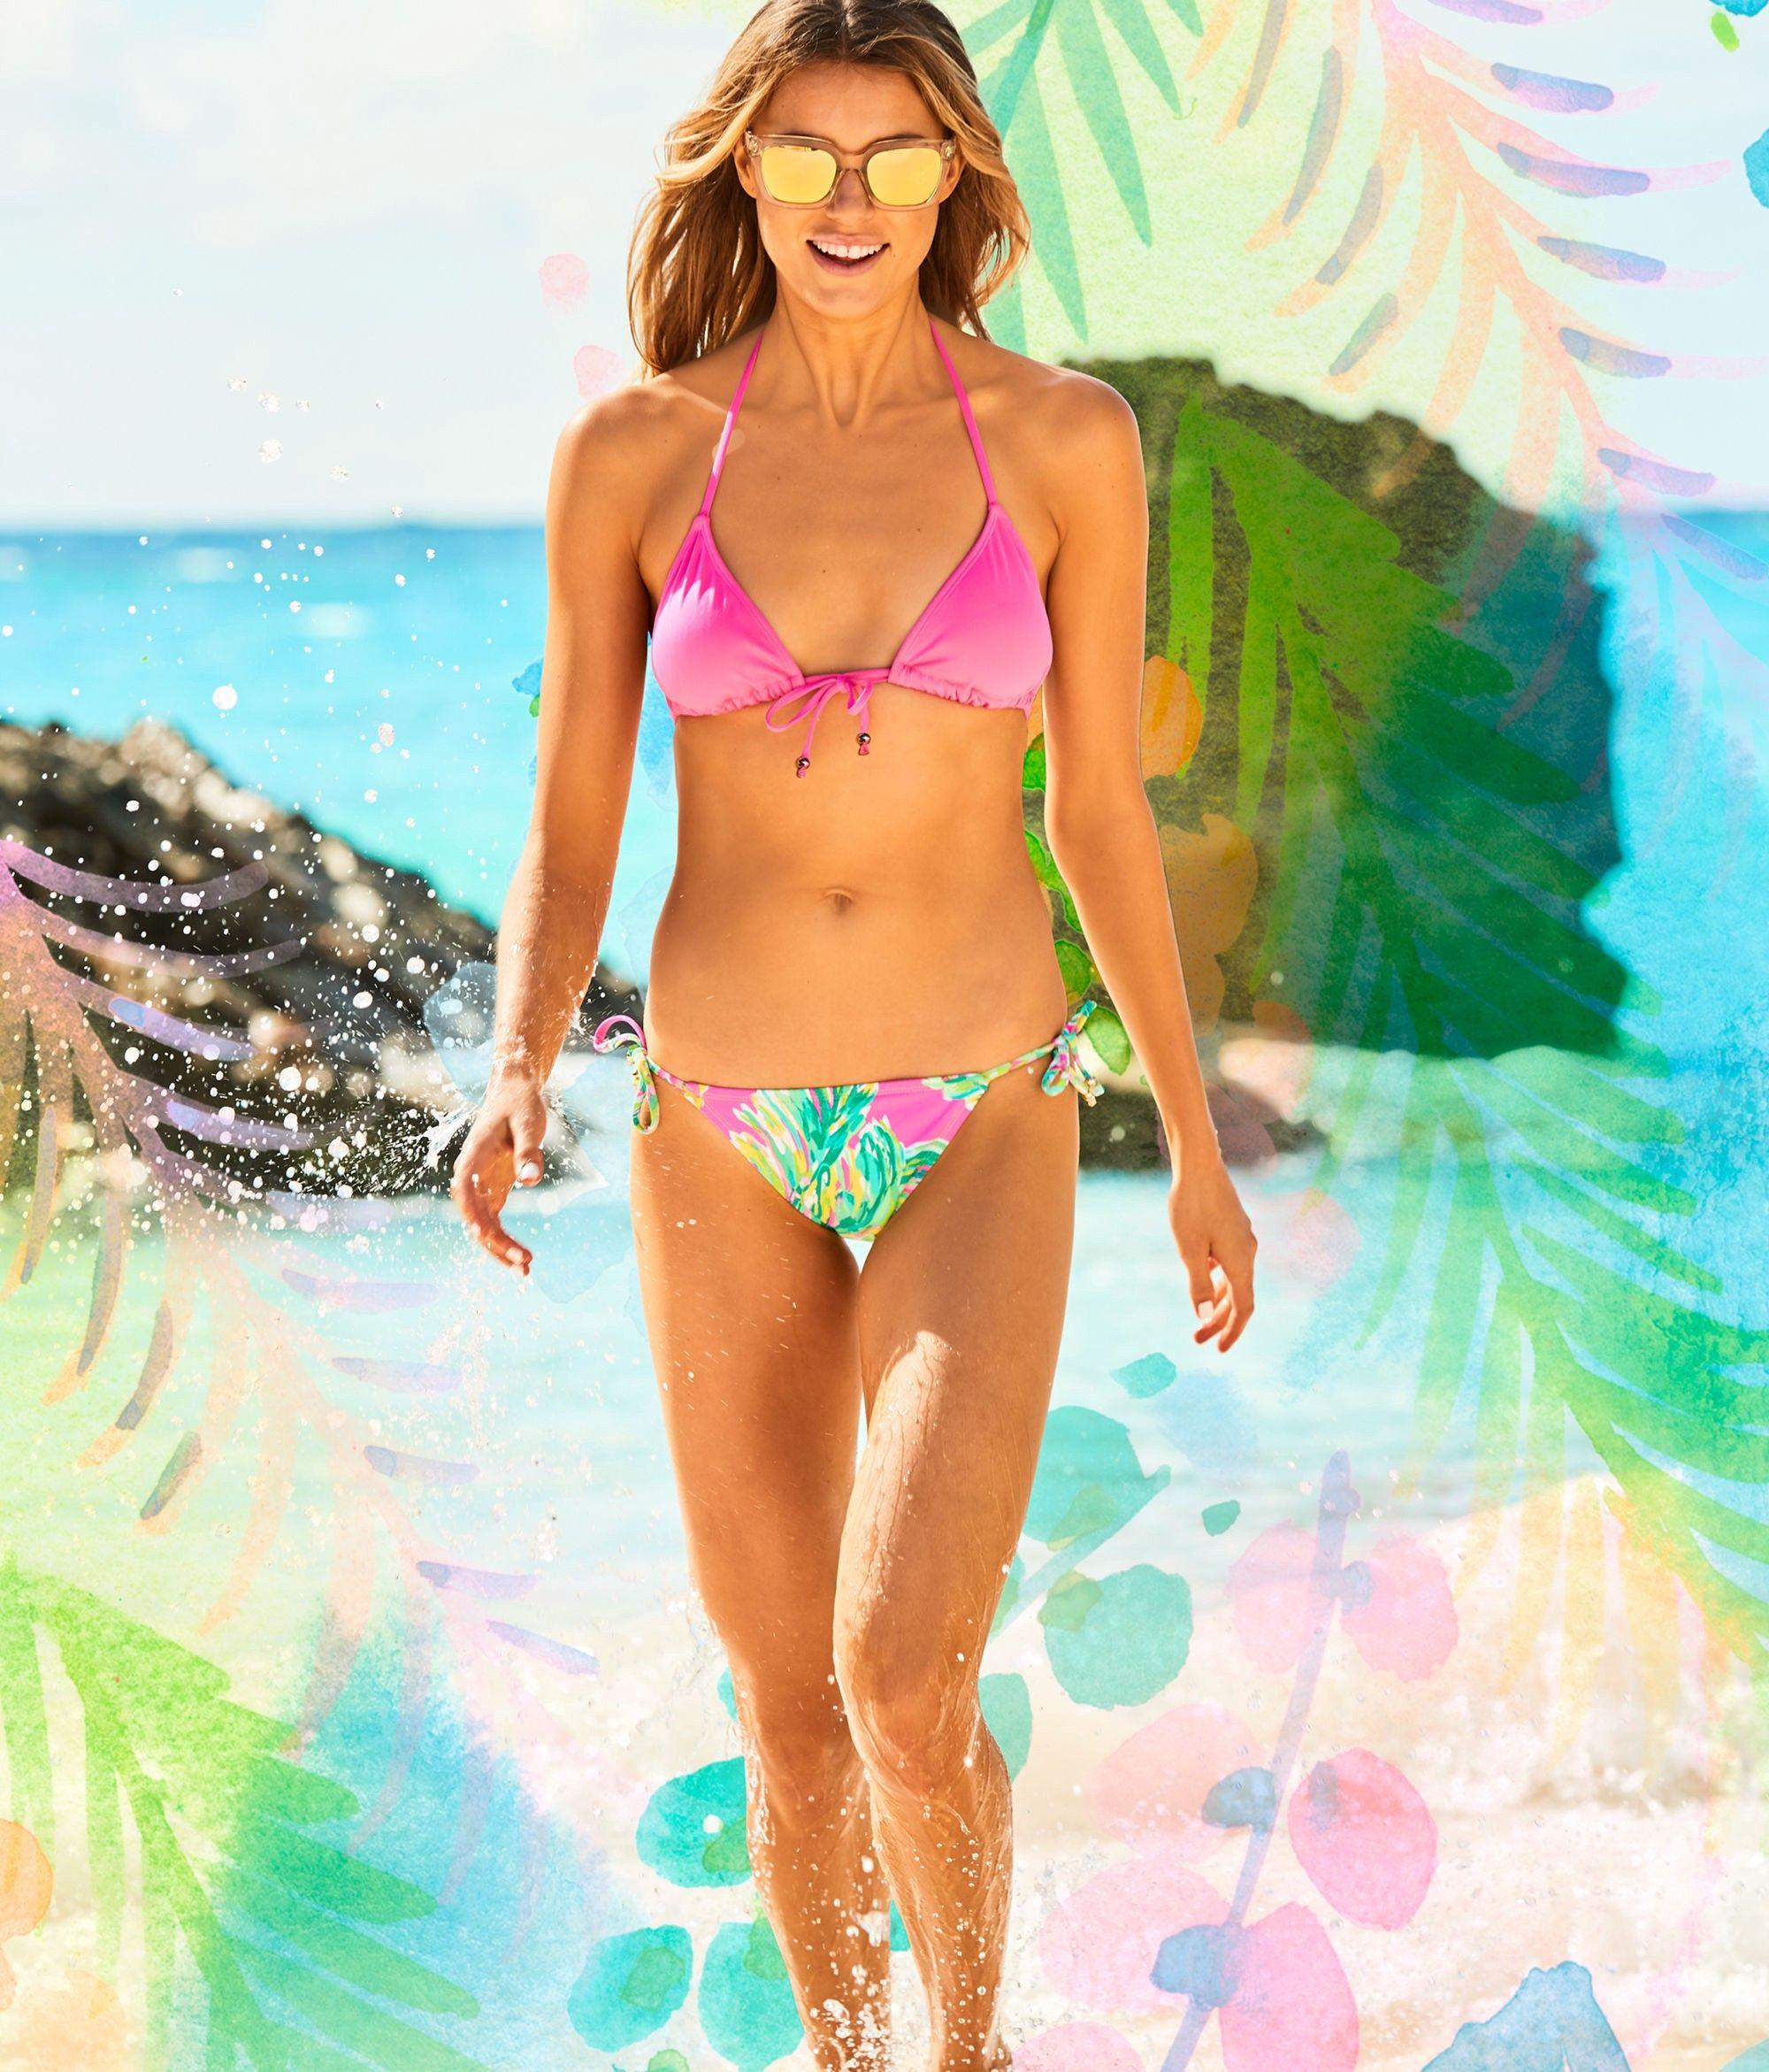 929af19edc2dd Lilly Pulitzer Tropic String Bikini Bottom - 10